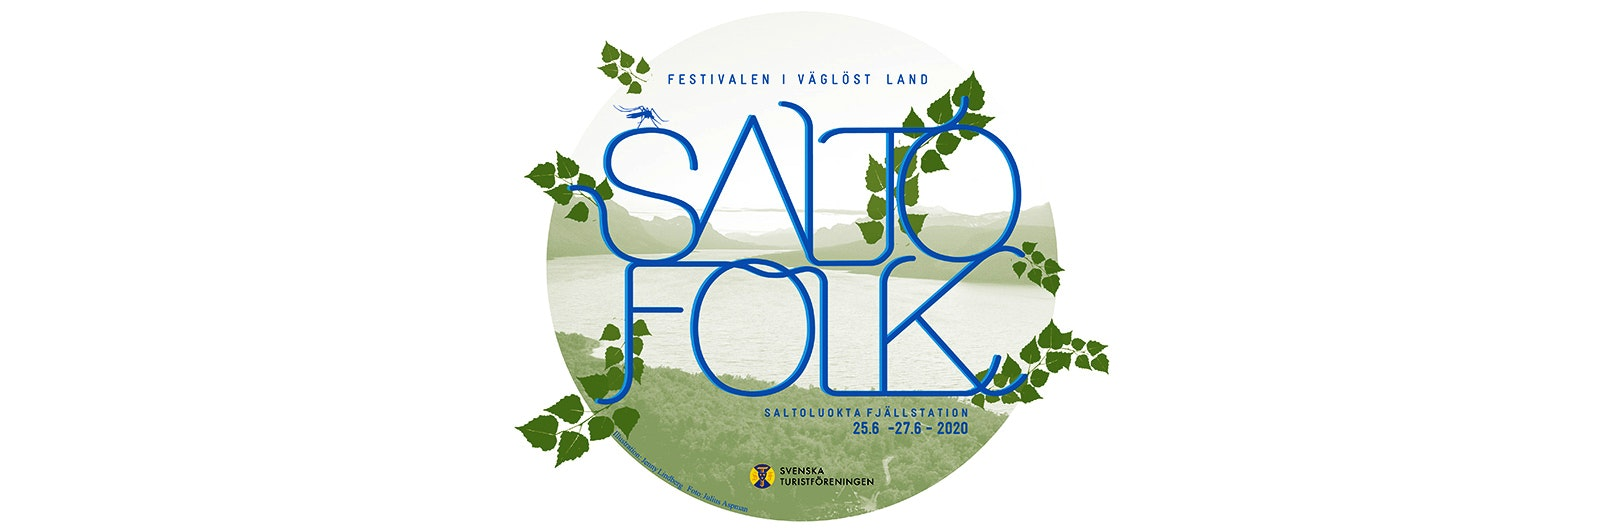 Stor logga för Saltofolk 2020